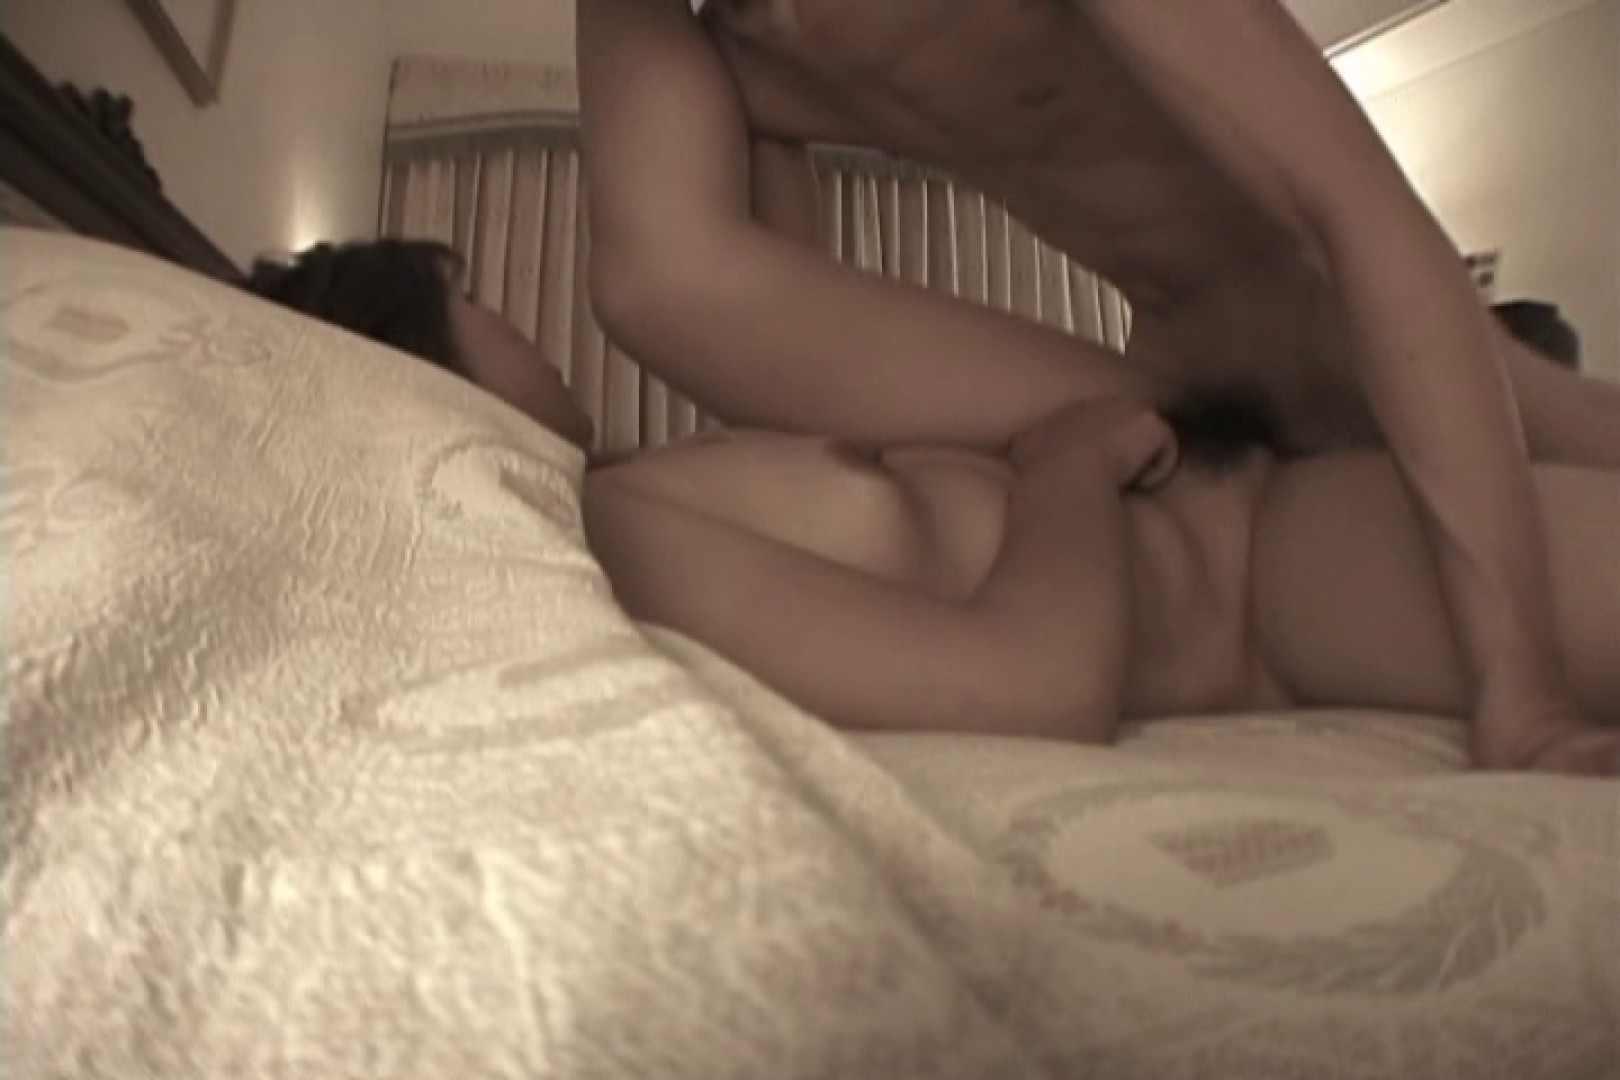 ツンデレ素人嬢もチンポには弱い~増田あけみ~ 素人丸裸  99pic 6